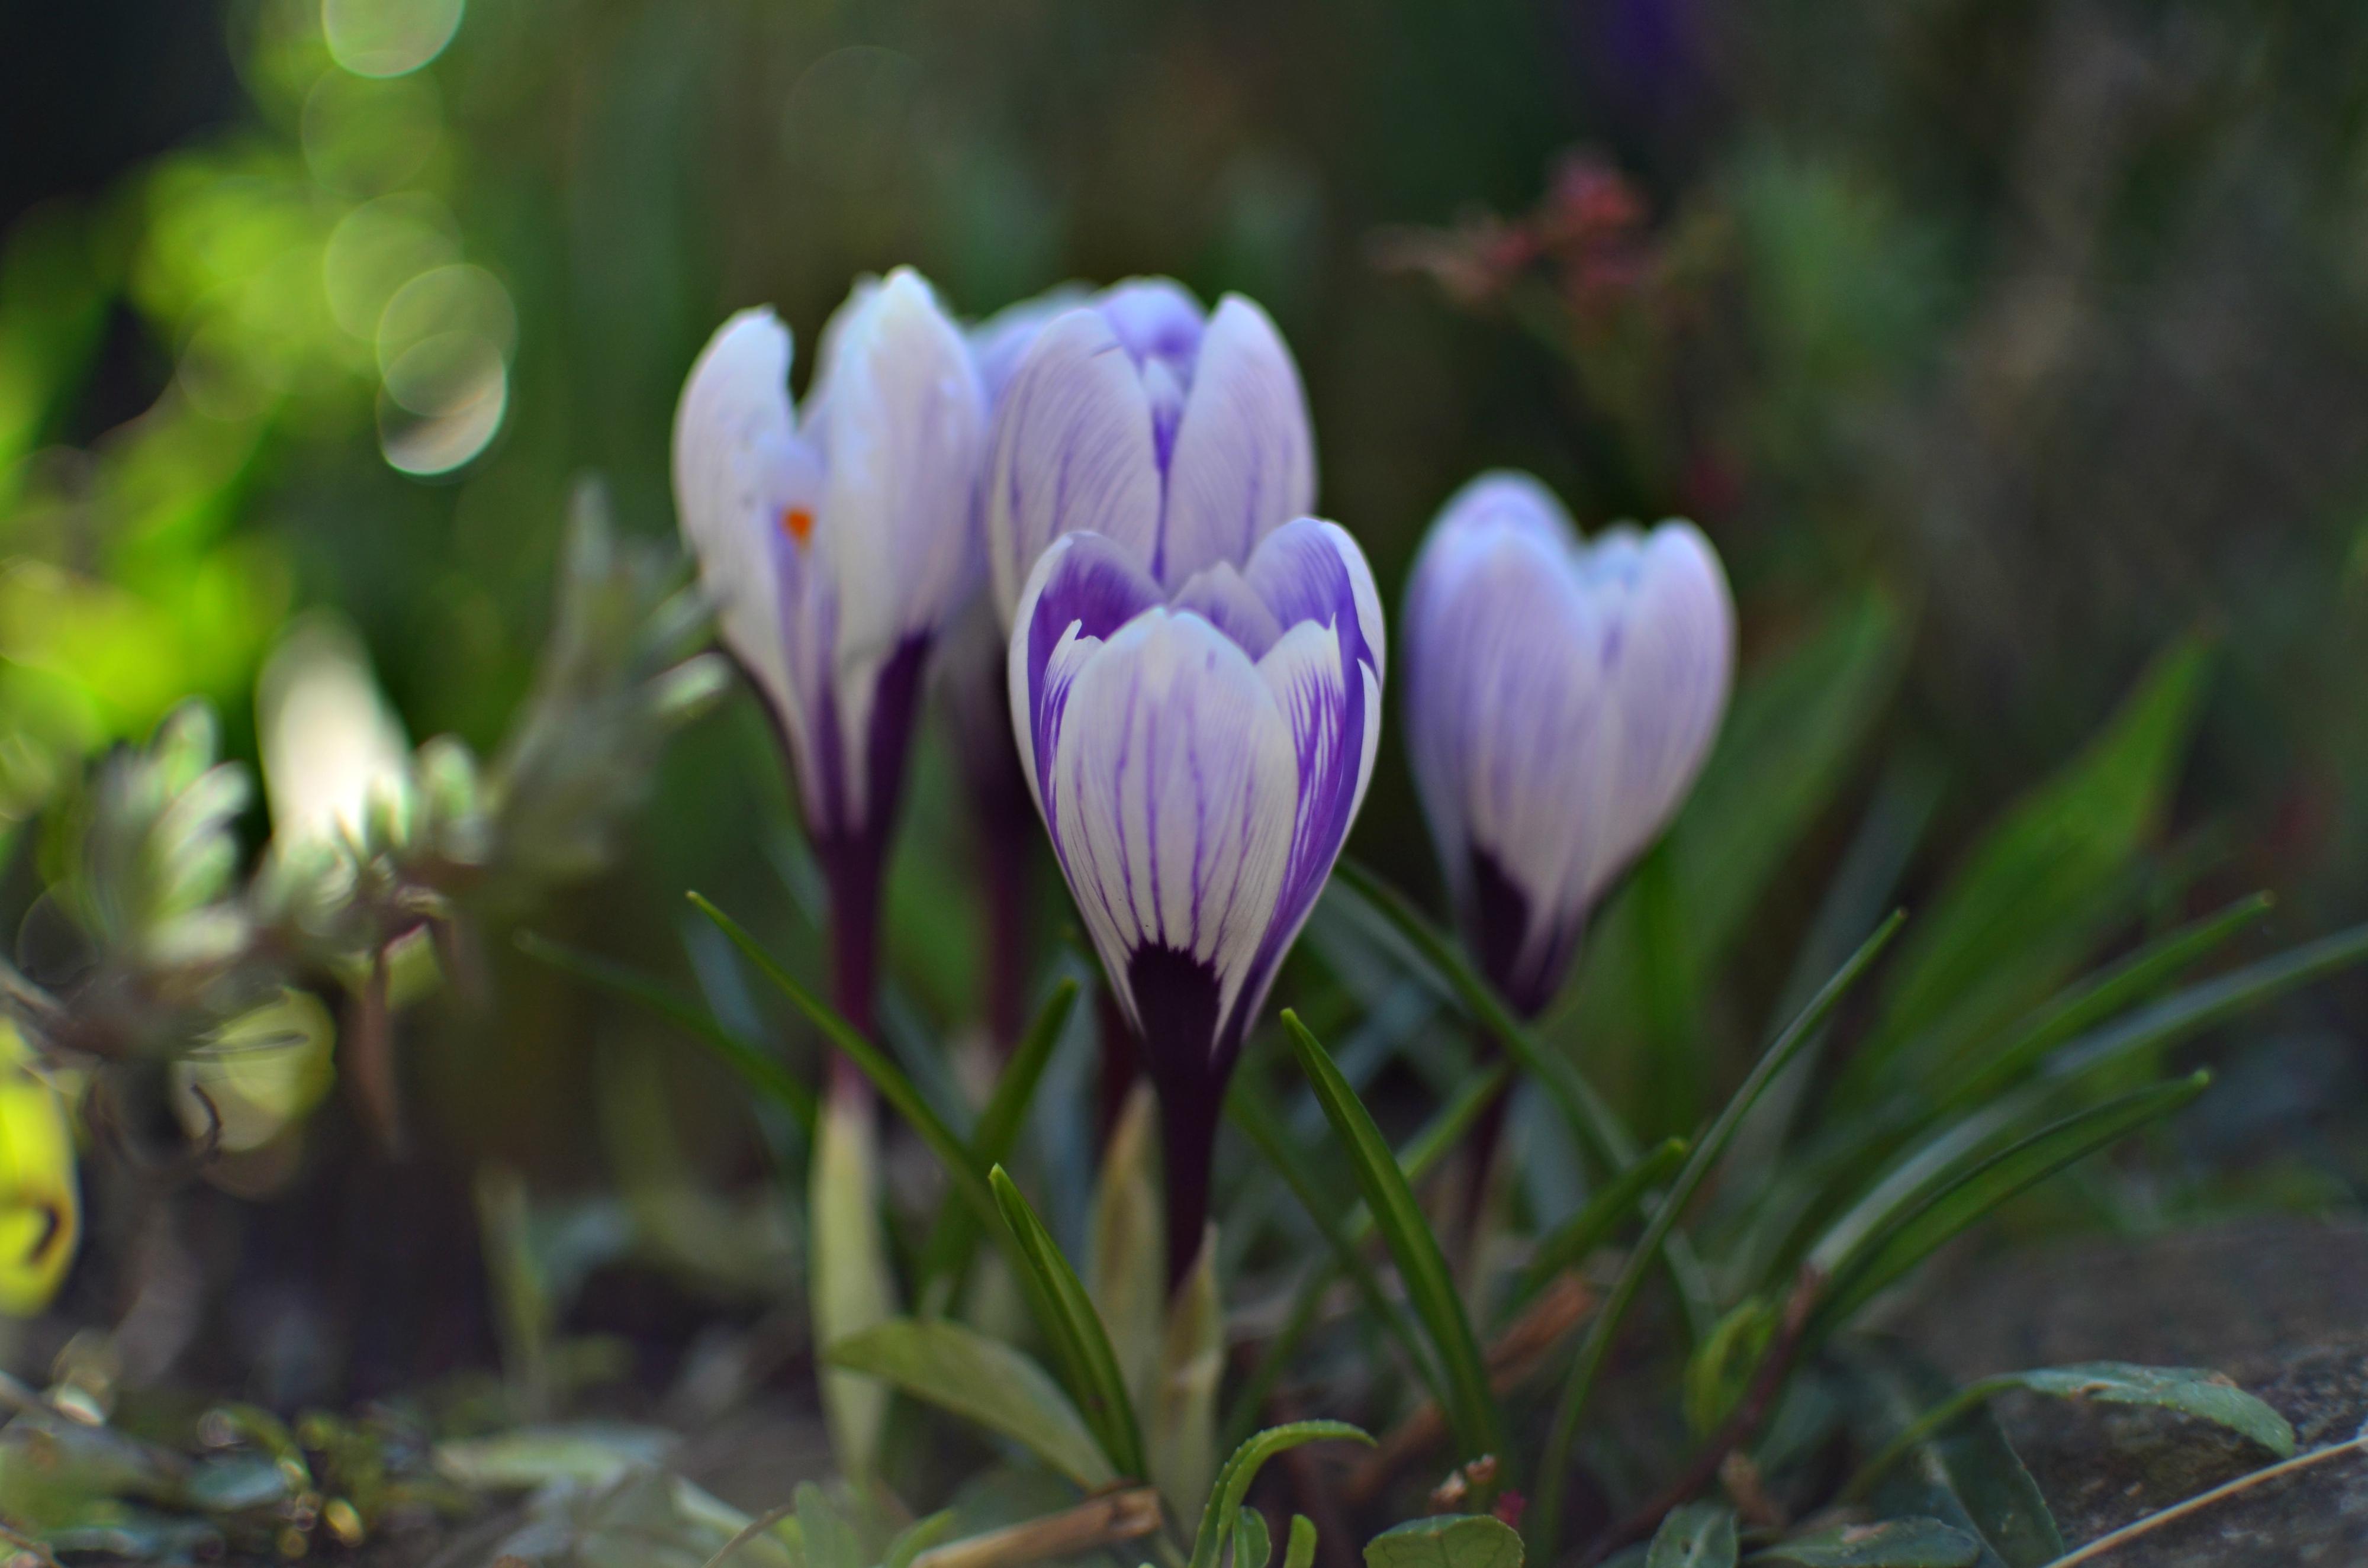 M0075 Krokuse im Frühlingslicht